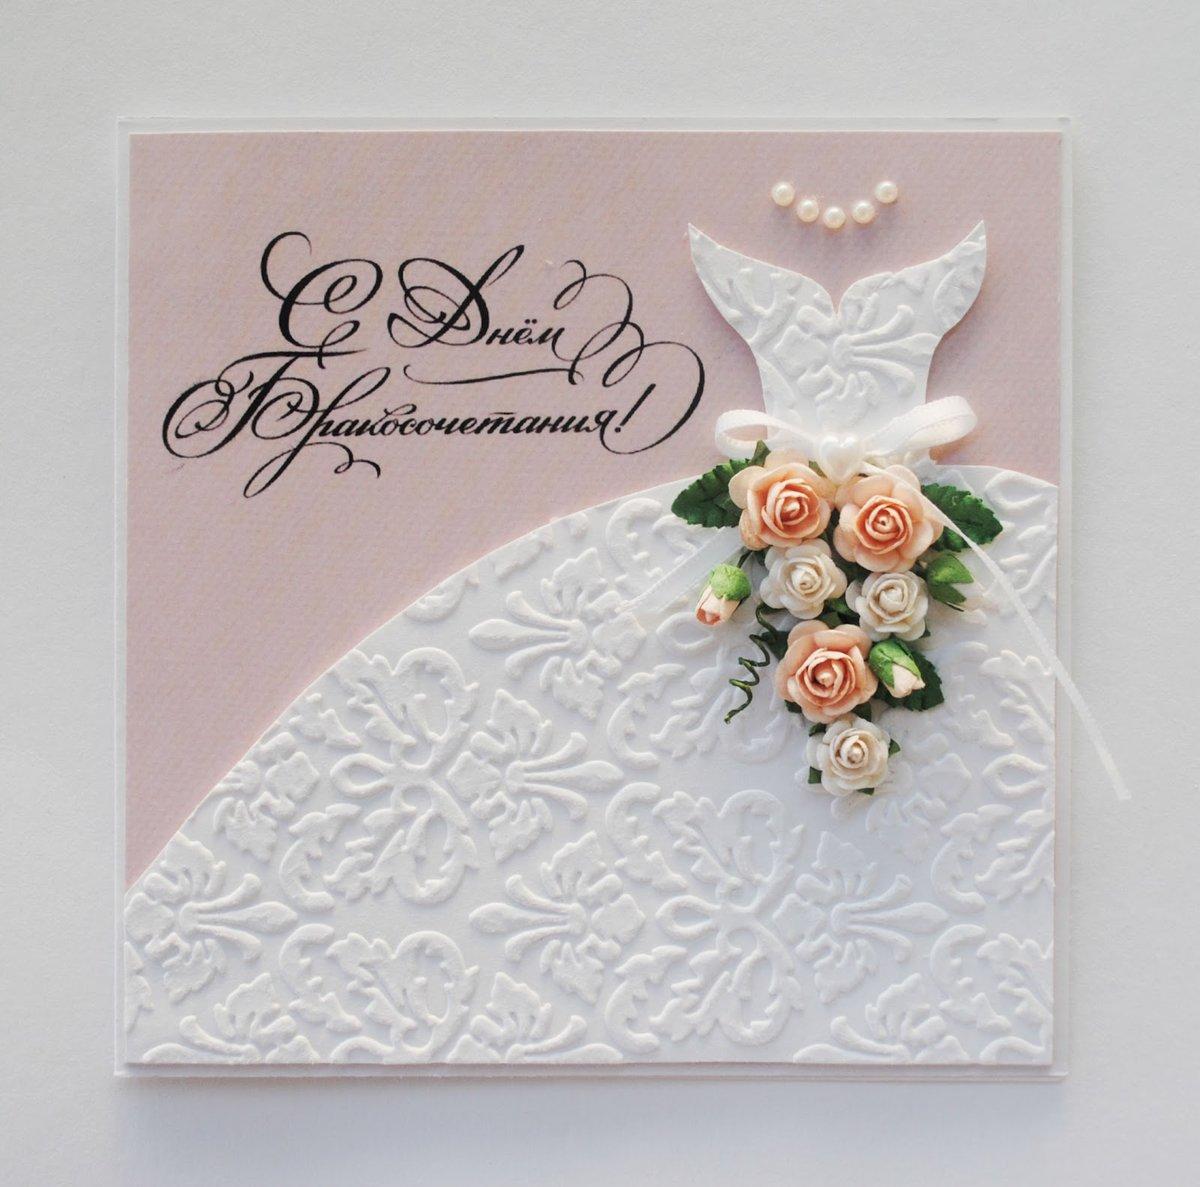 Необычная открытка на свадьбу своими руками, смешные картинки